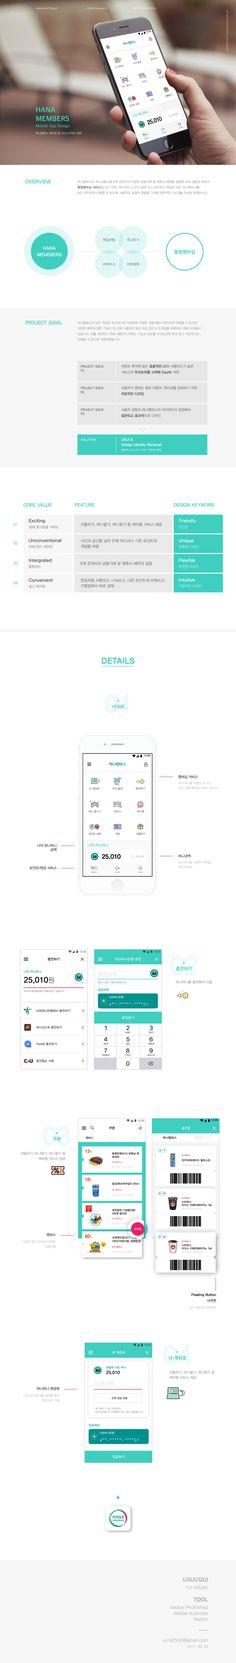 하나멤버스 공모전(2017)_Mobile App Project - 그래픽 디자인, UI/UX